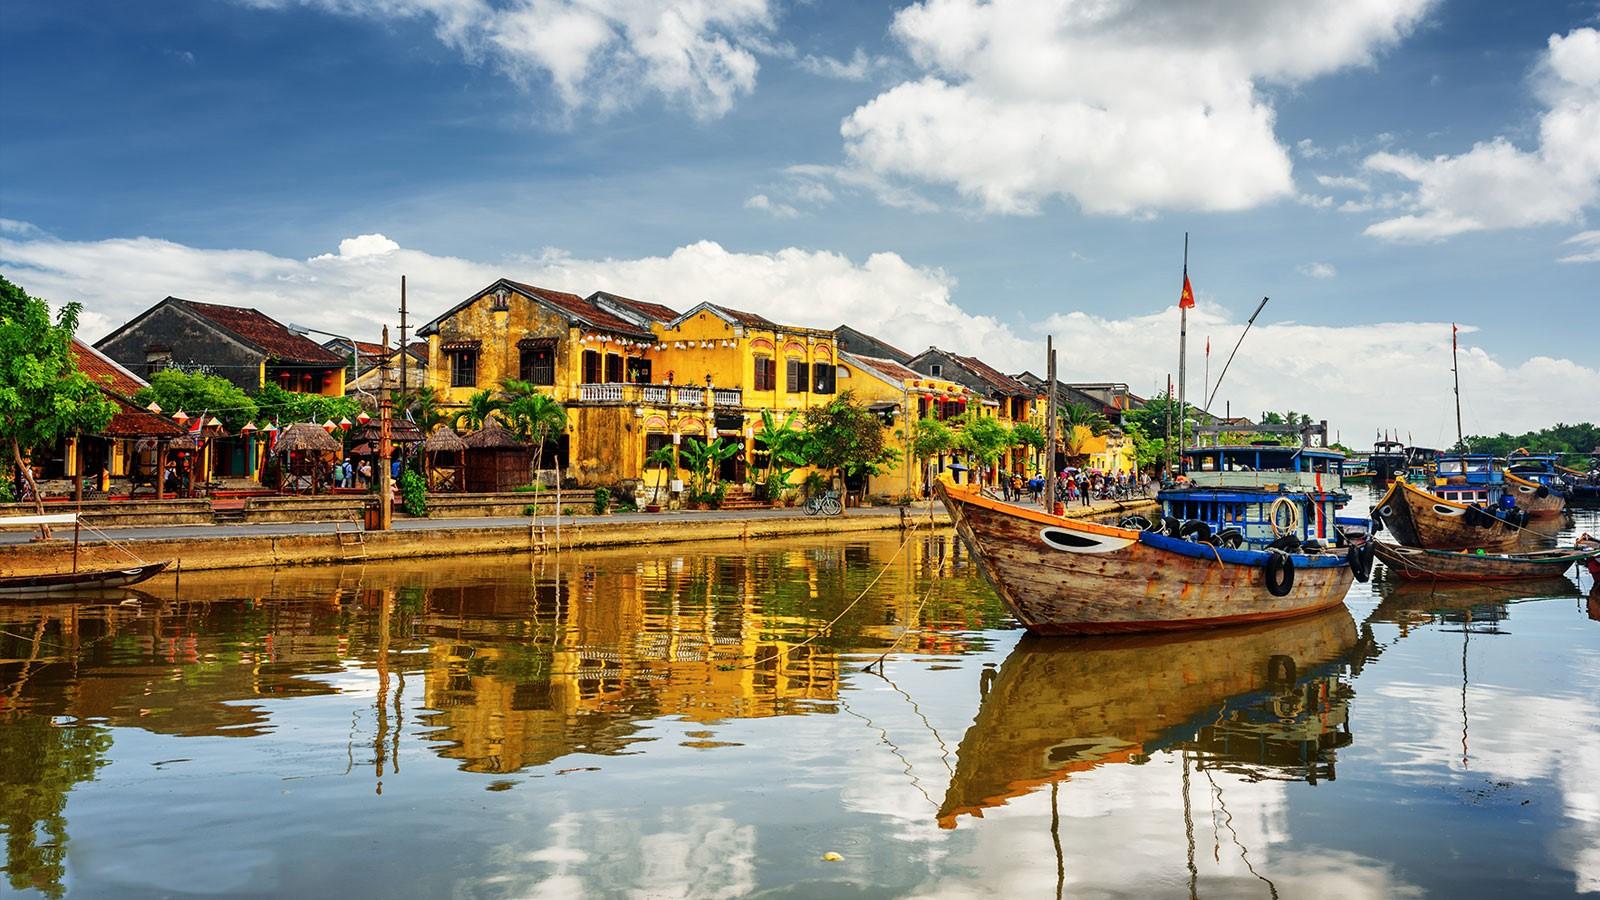 4 décembre: sites touristiques gratuits dans l'ancienne cité de Hoi An